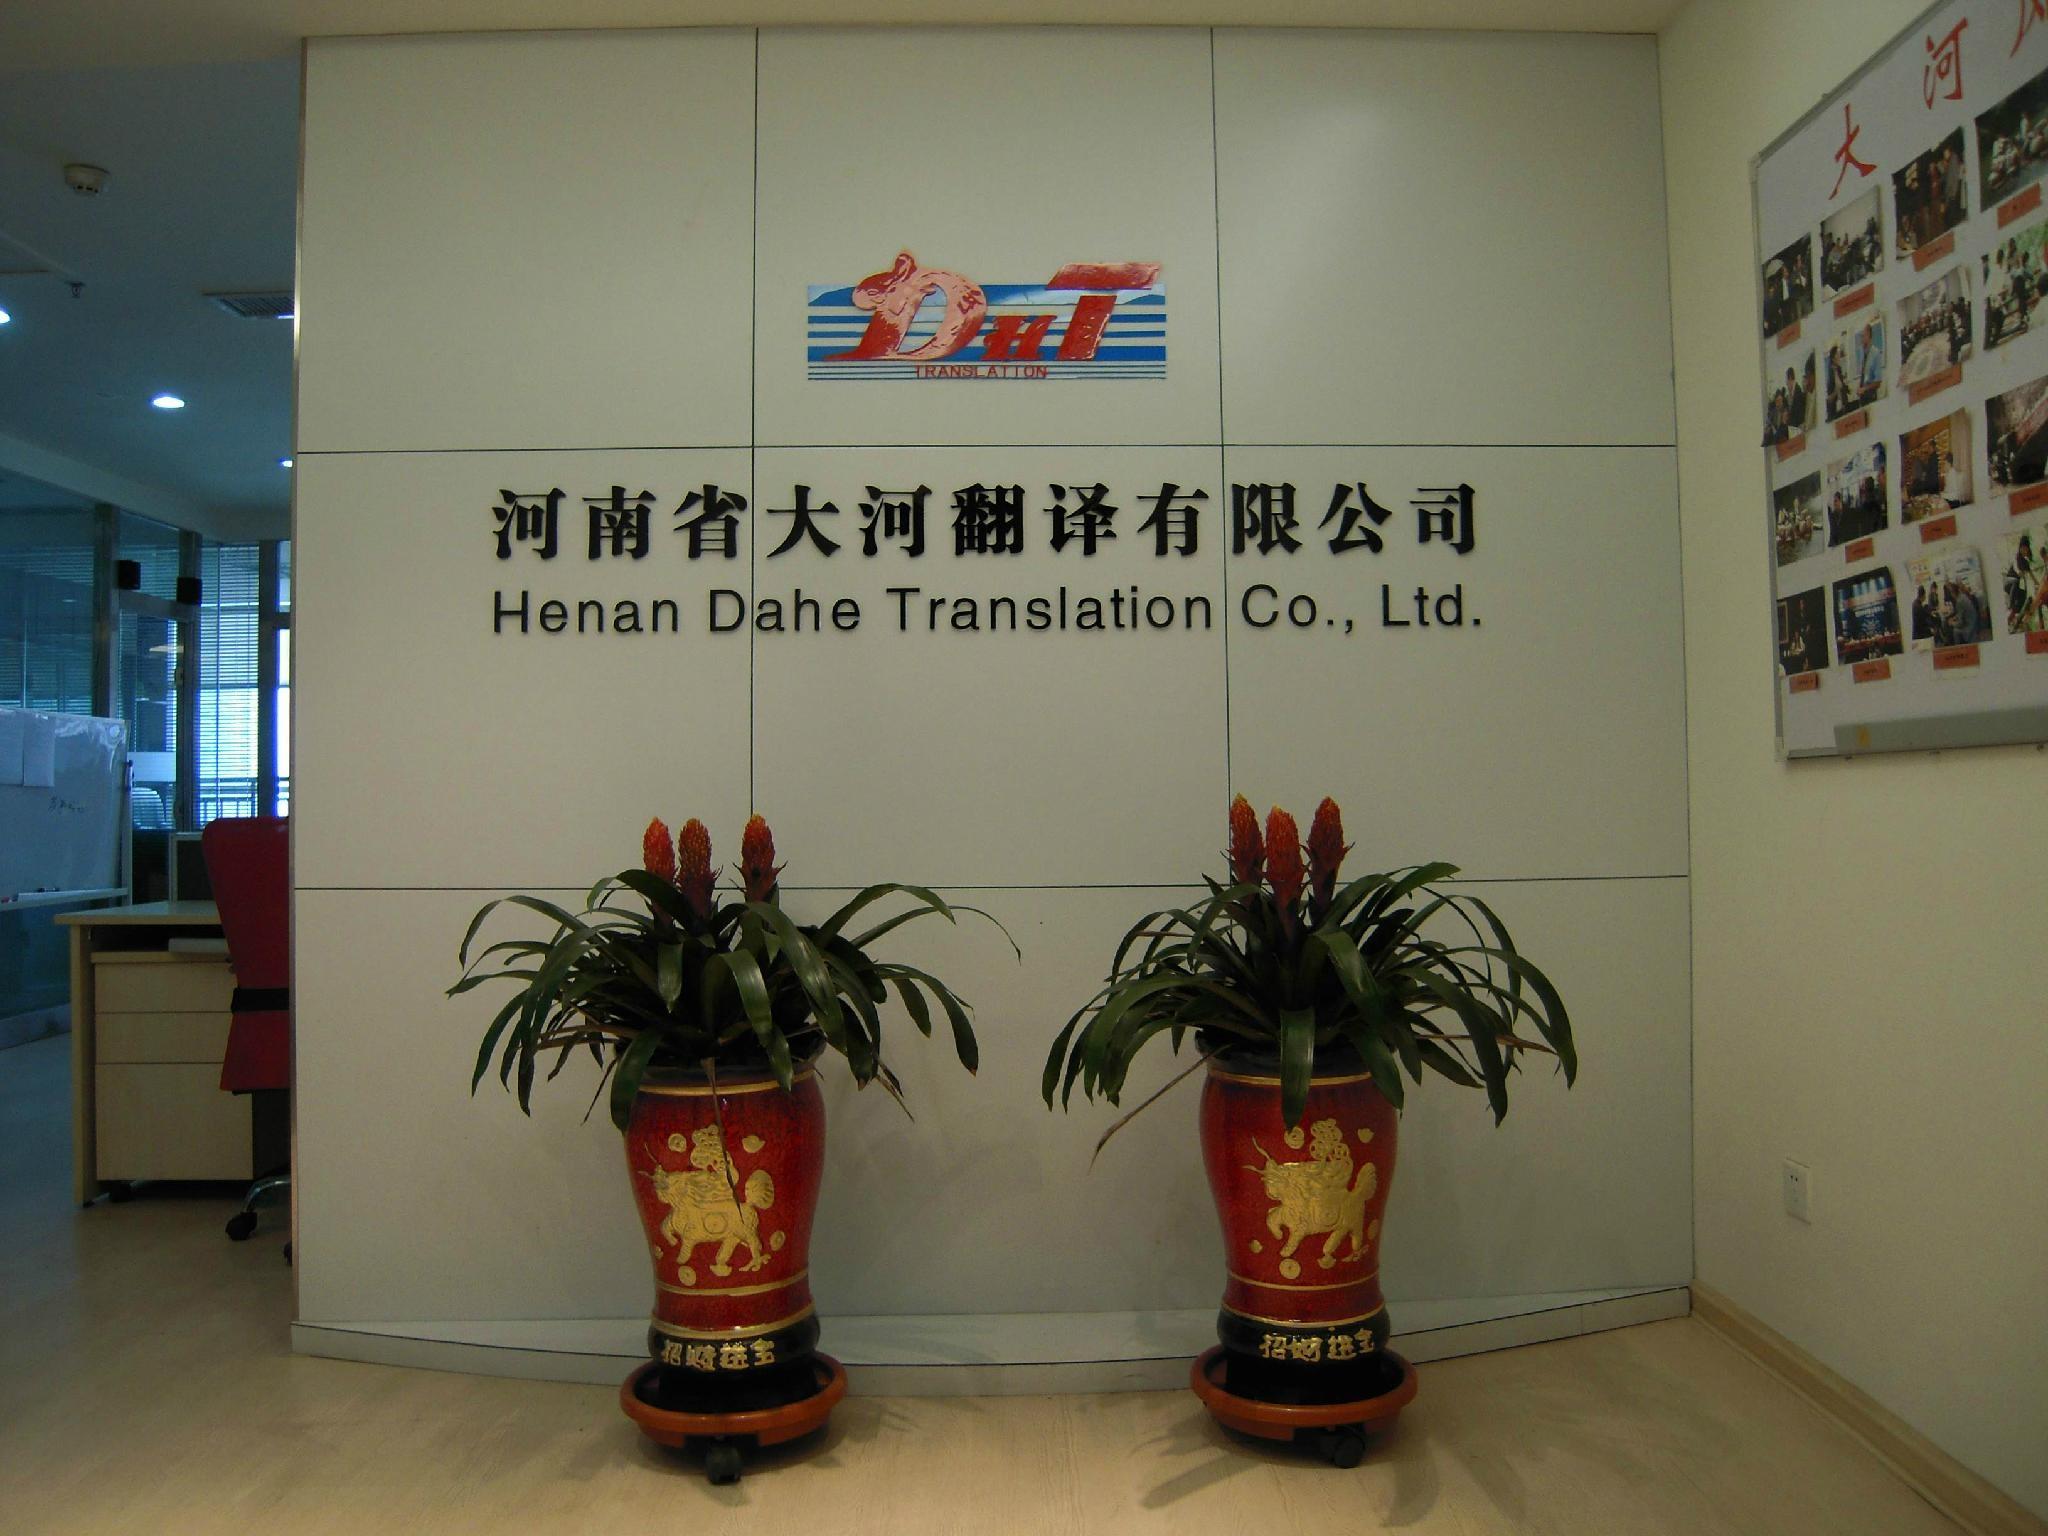 专业翻译公司 2